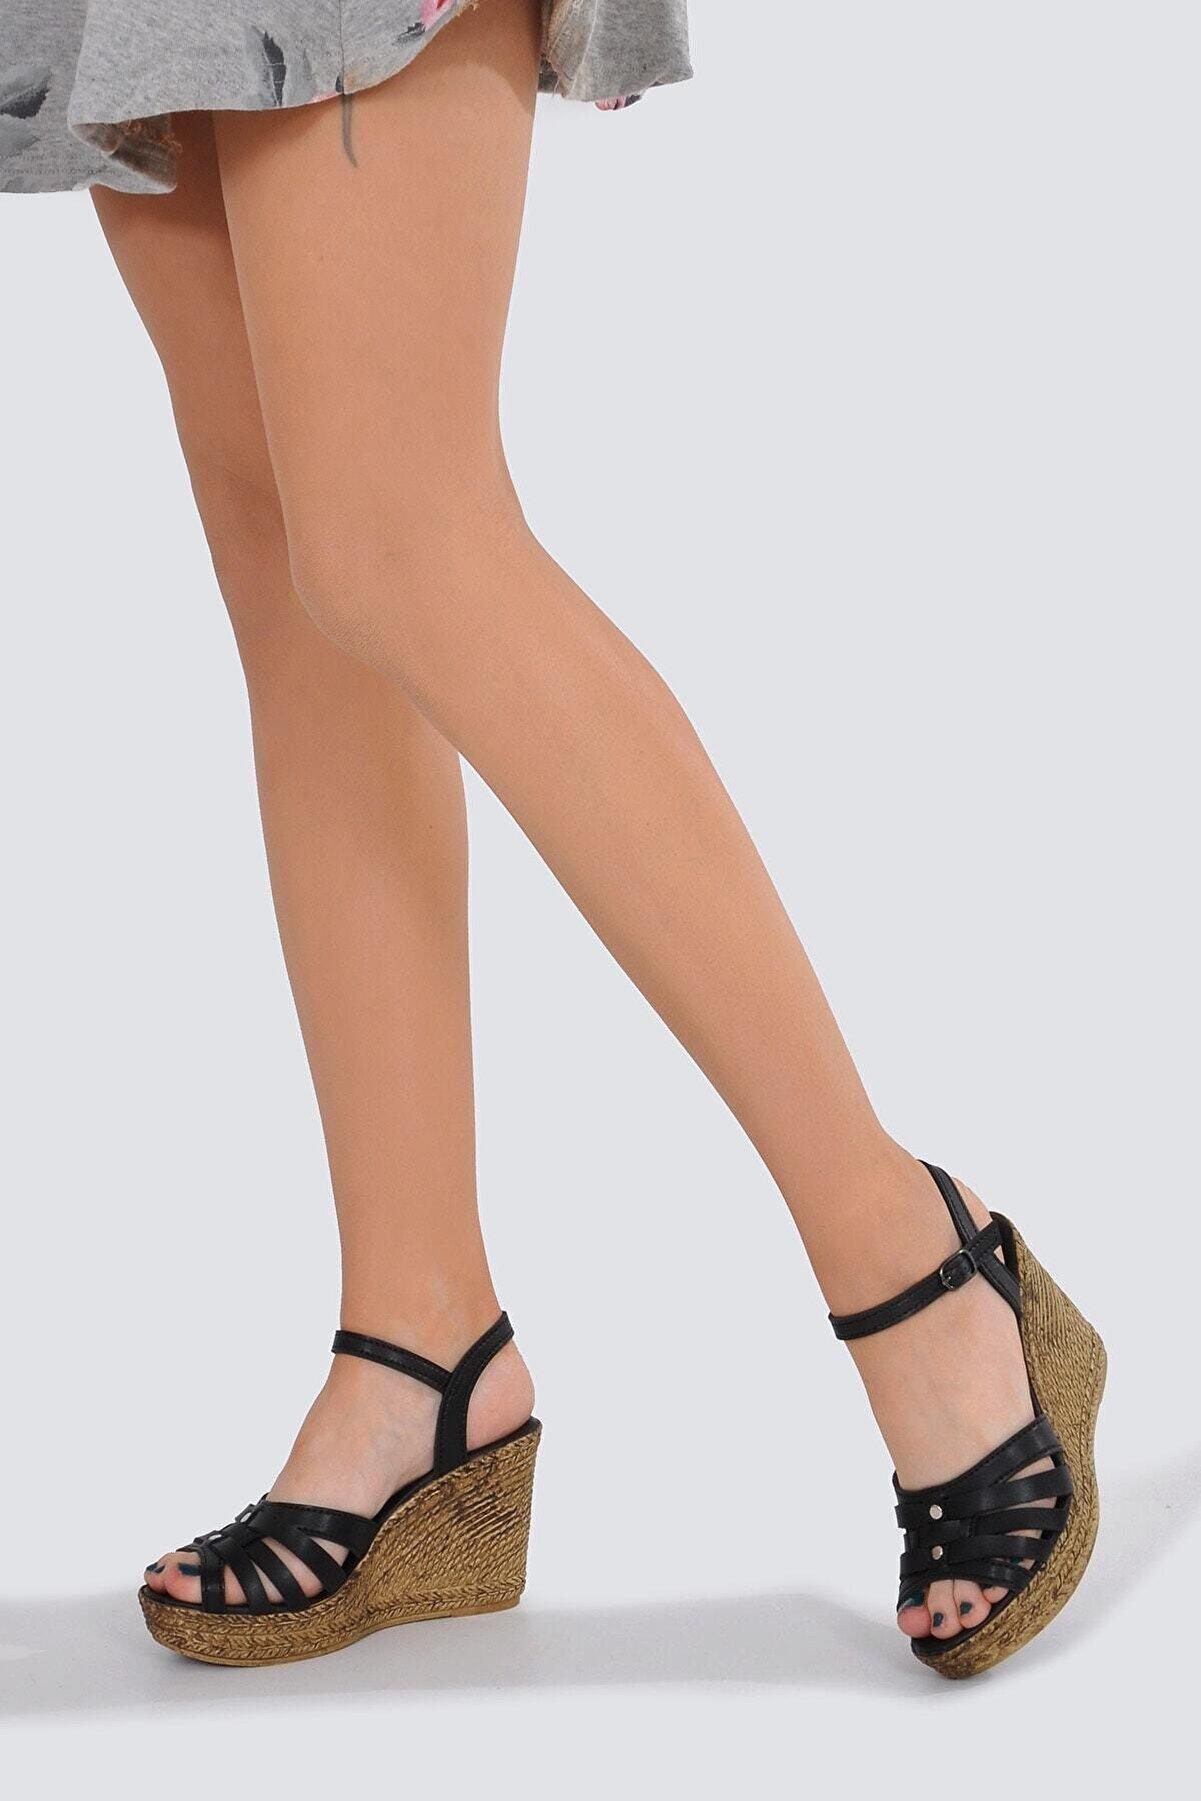 De Bianca Kadın Ortopedik Günlük Sandalet